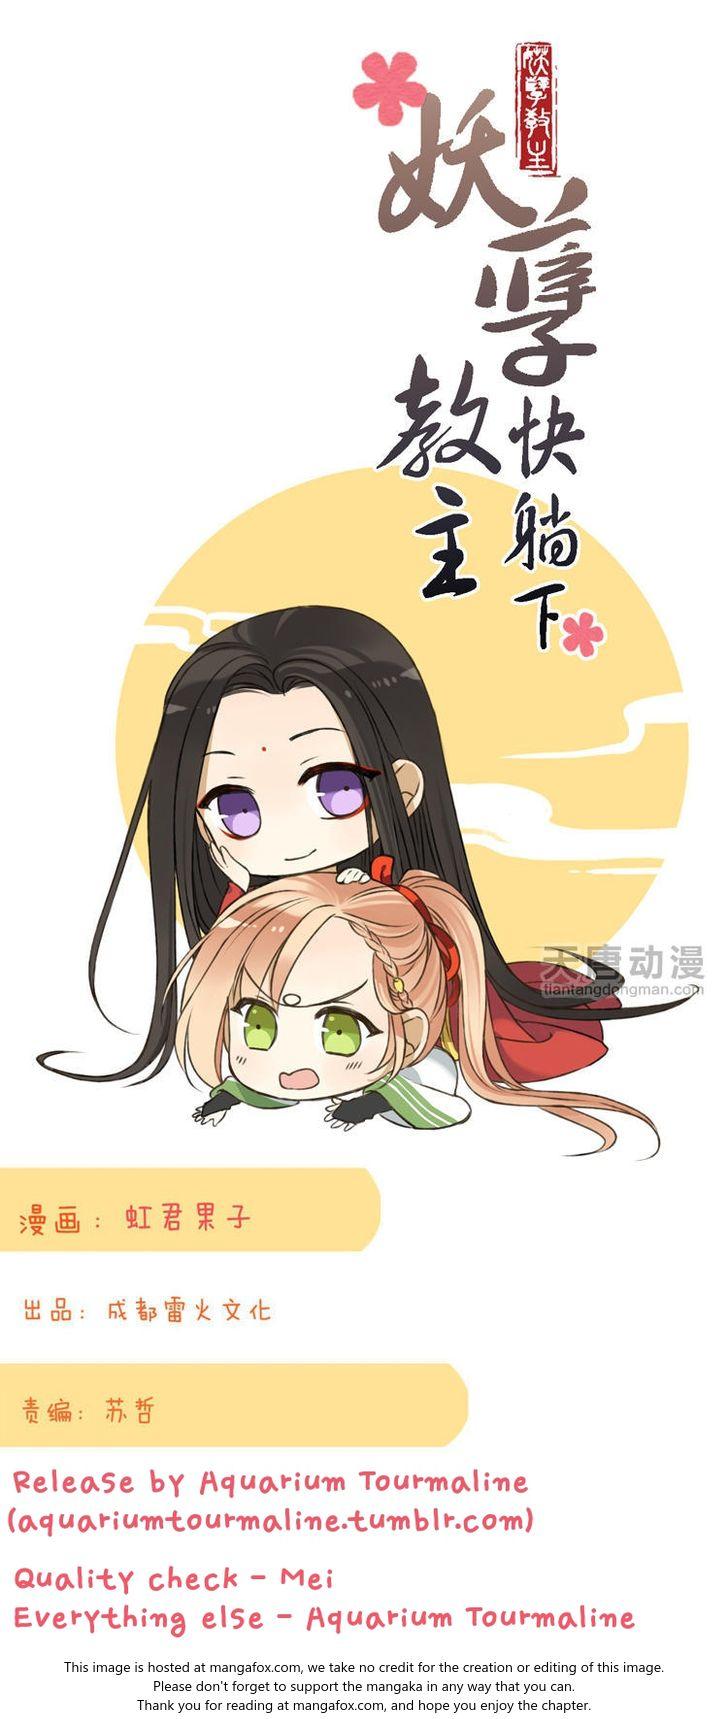 Yaonie jiaozhu kuai tang xia 18 at MangaFox.la